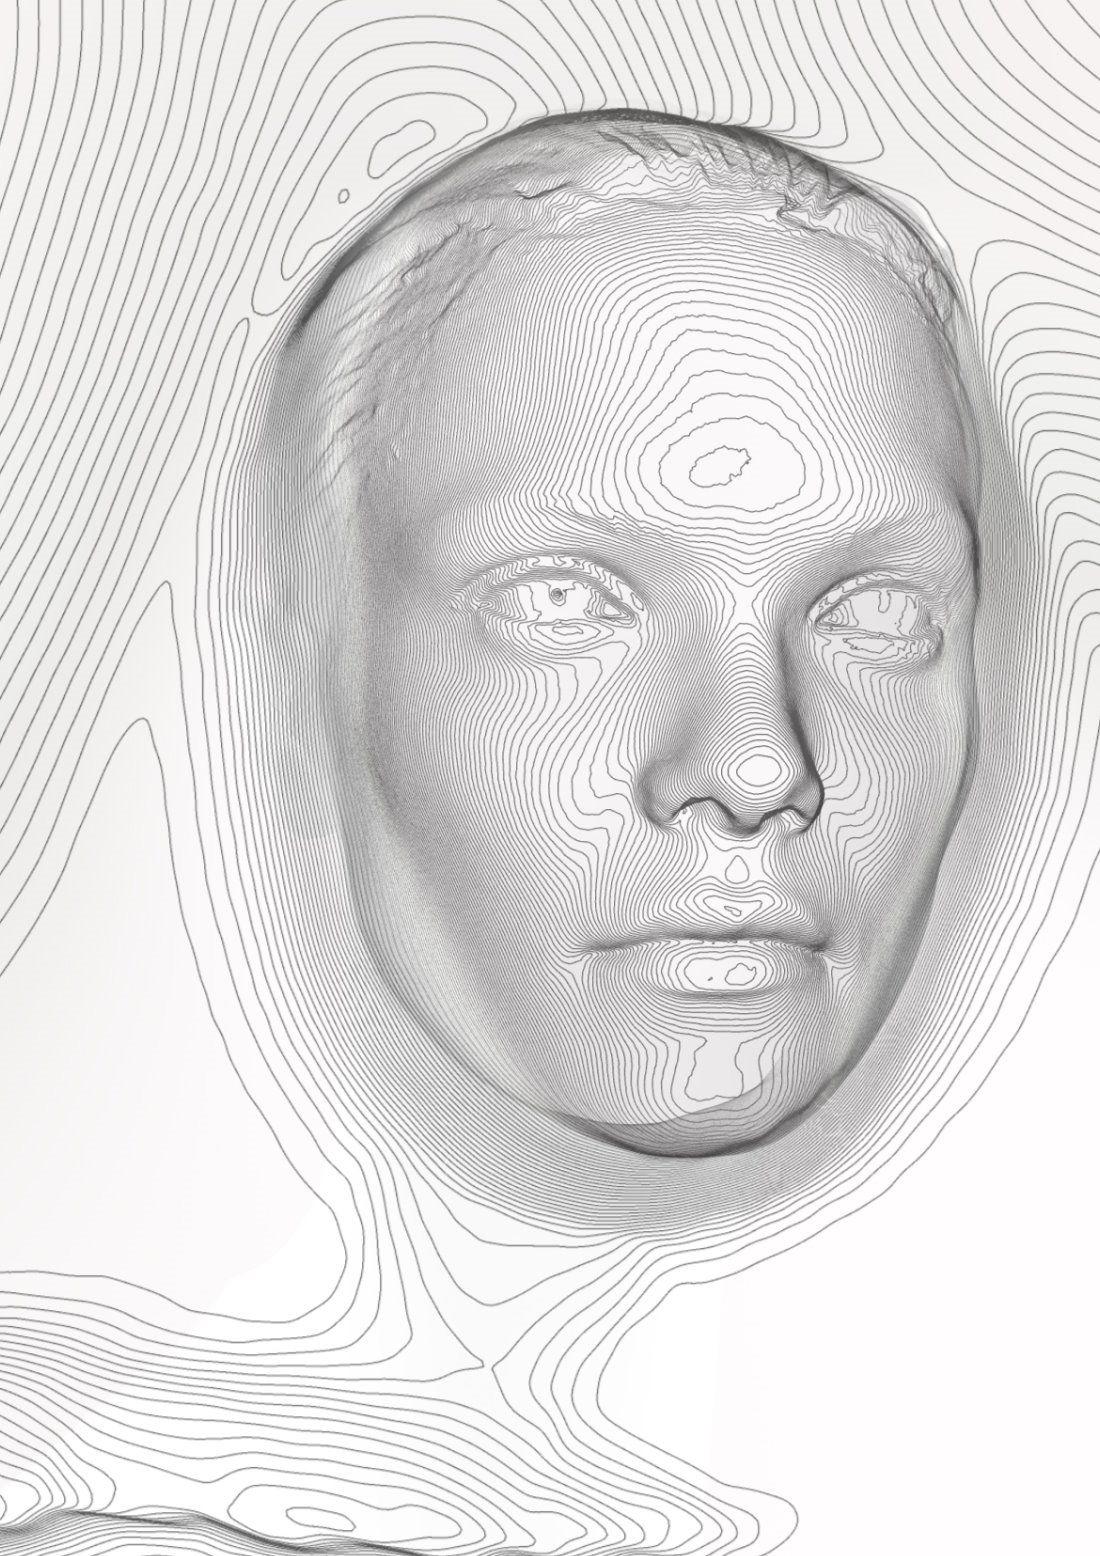 Contour Line Drawing Of Face : Contour lines face mountain core d p